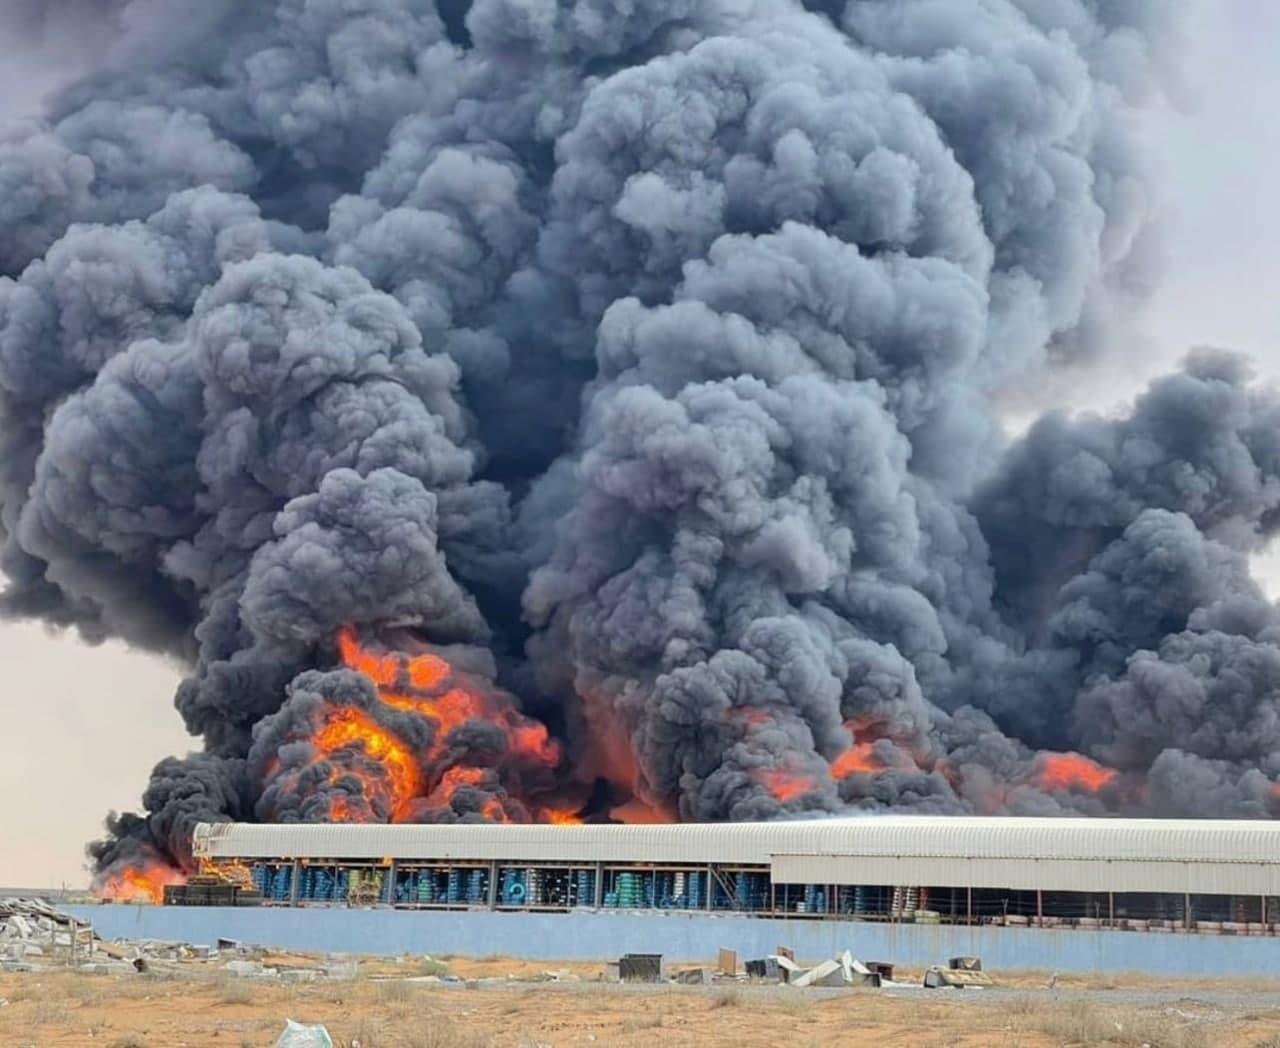 آتشسوزی بزرگ در سواحل امارات